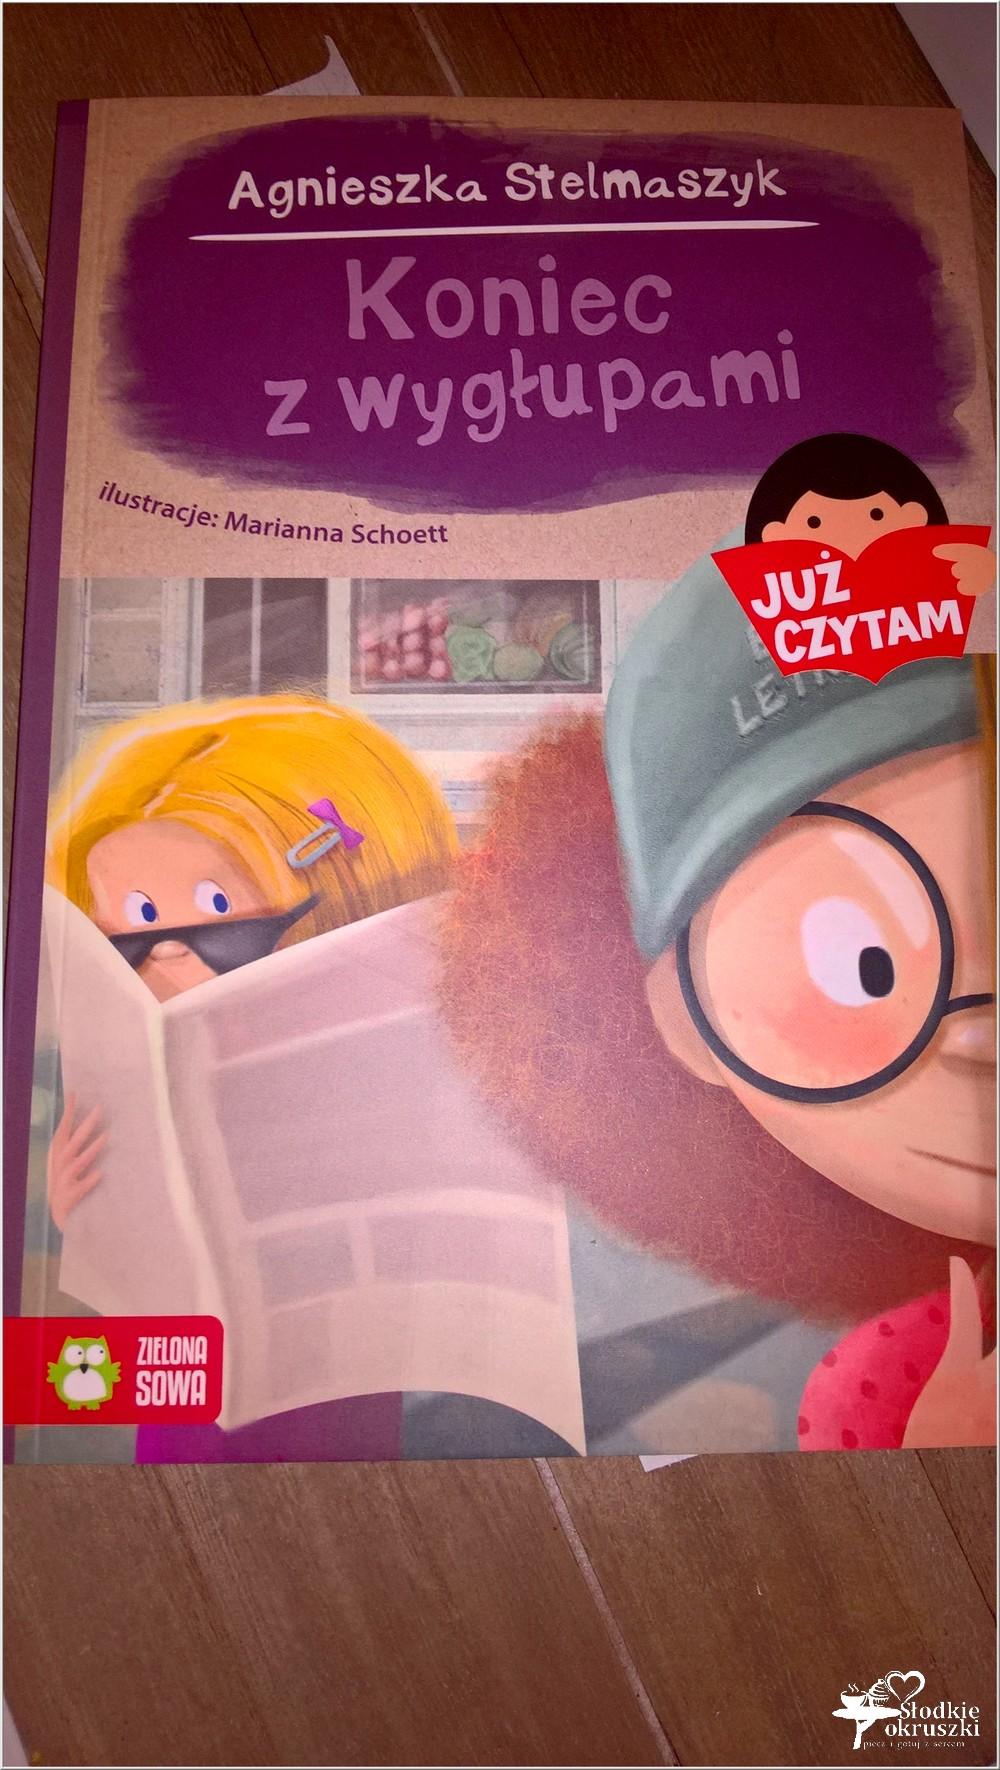 Koniec z wygłupami. Recenzja książki dla dzieci